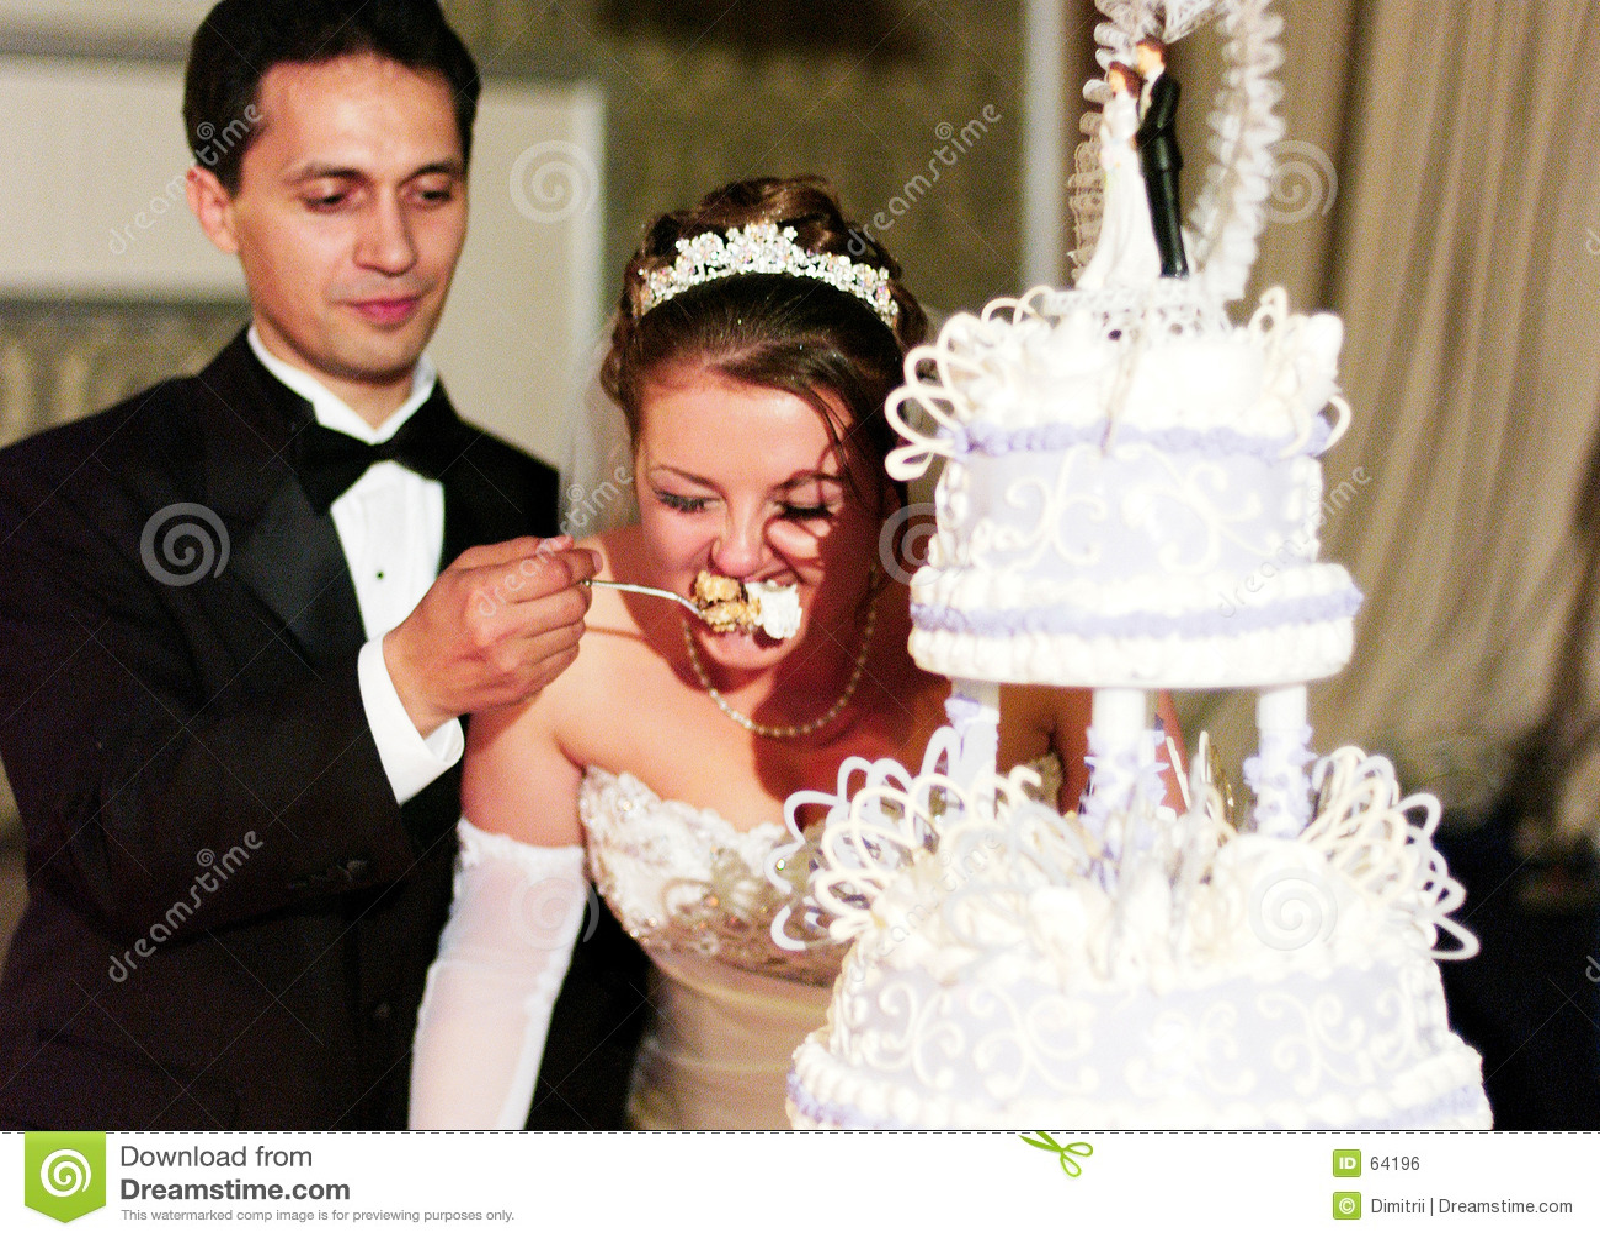 Wedding Cake Ceremony Royalty Free Stock Image Image 64196